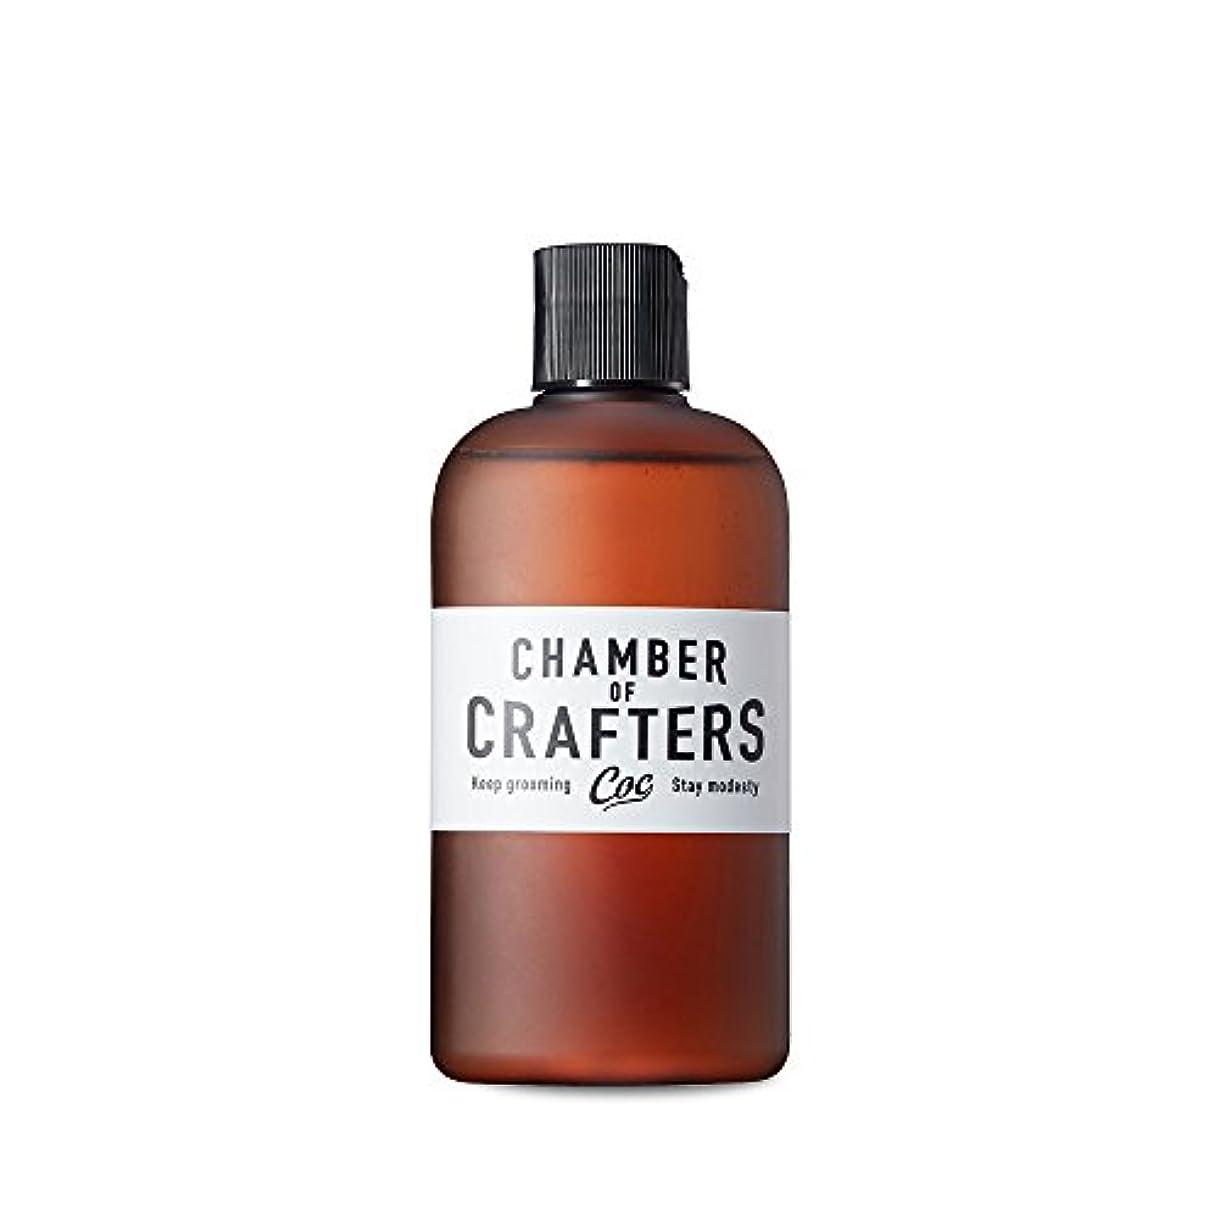 設計エスニック胆嚢CHAMBER OF CRAFTERS チェンバーオブクラフターズ スキンローション 化粧水 180mL